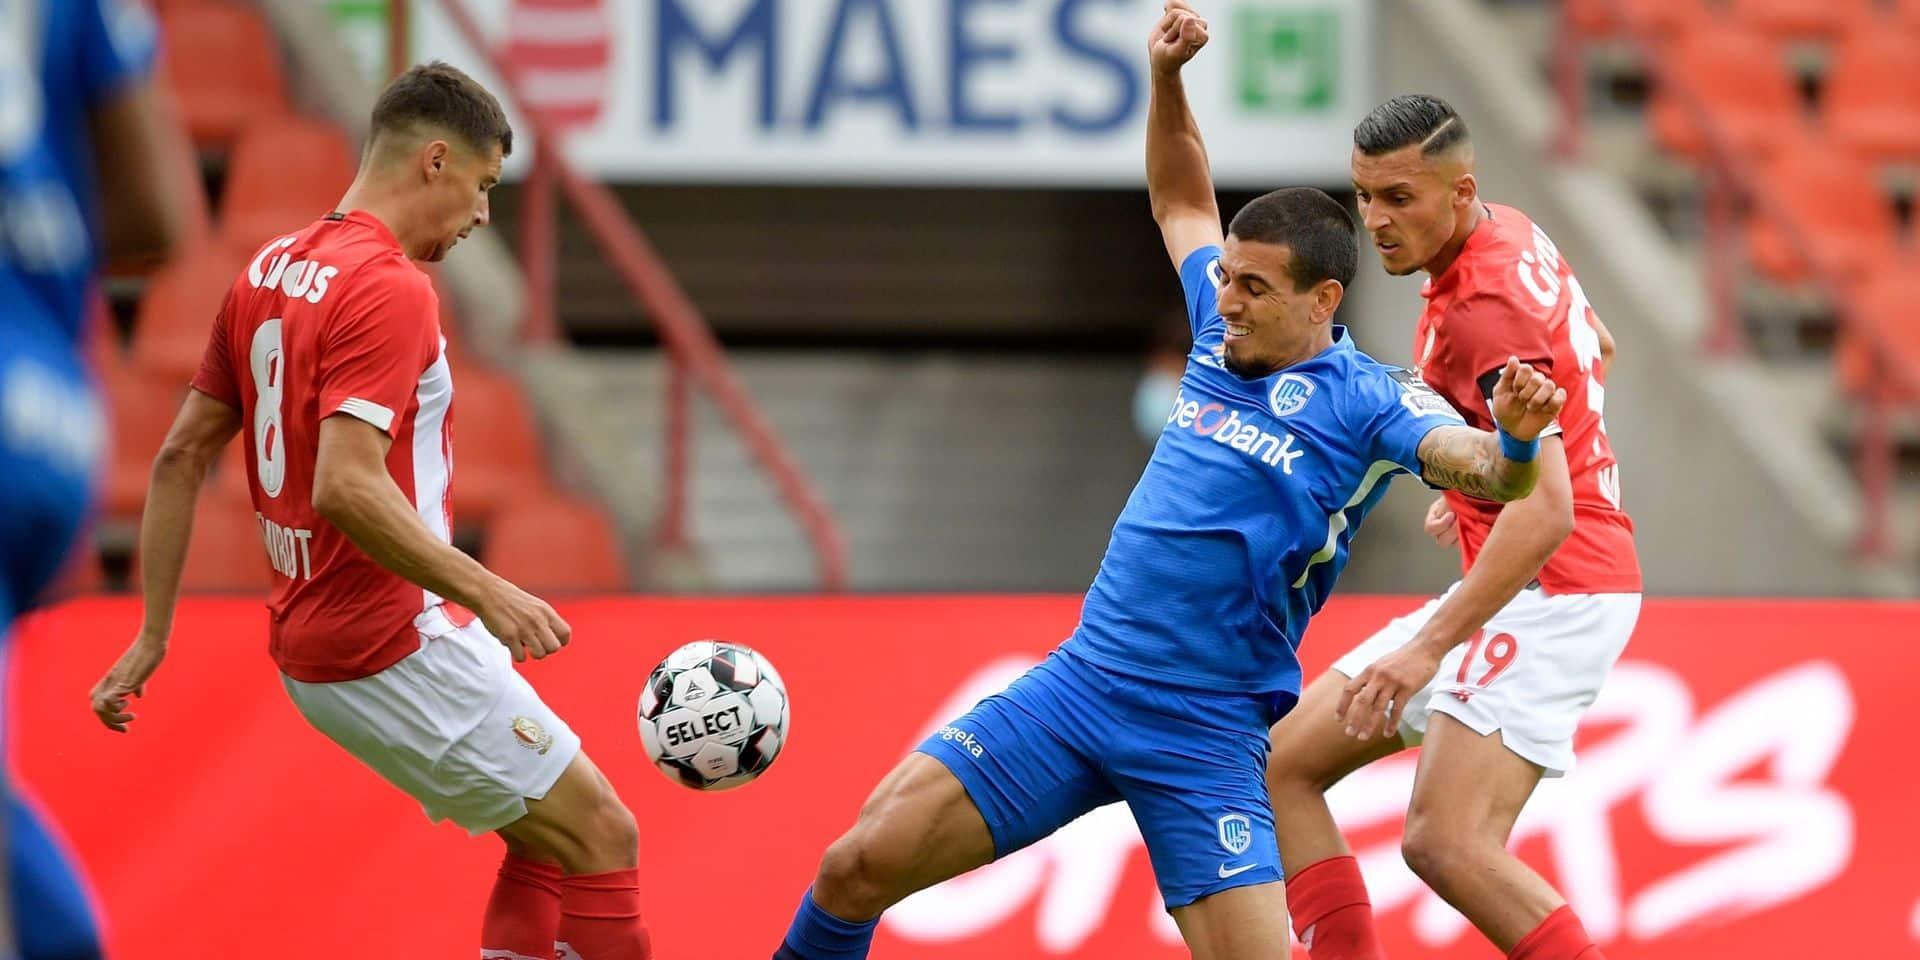 Des occasions, du rythme et une carte rouge en fin de match pour le Standard qui partage l'enjeu face à Genk (0-0)